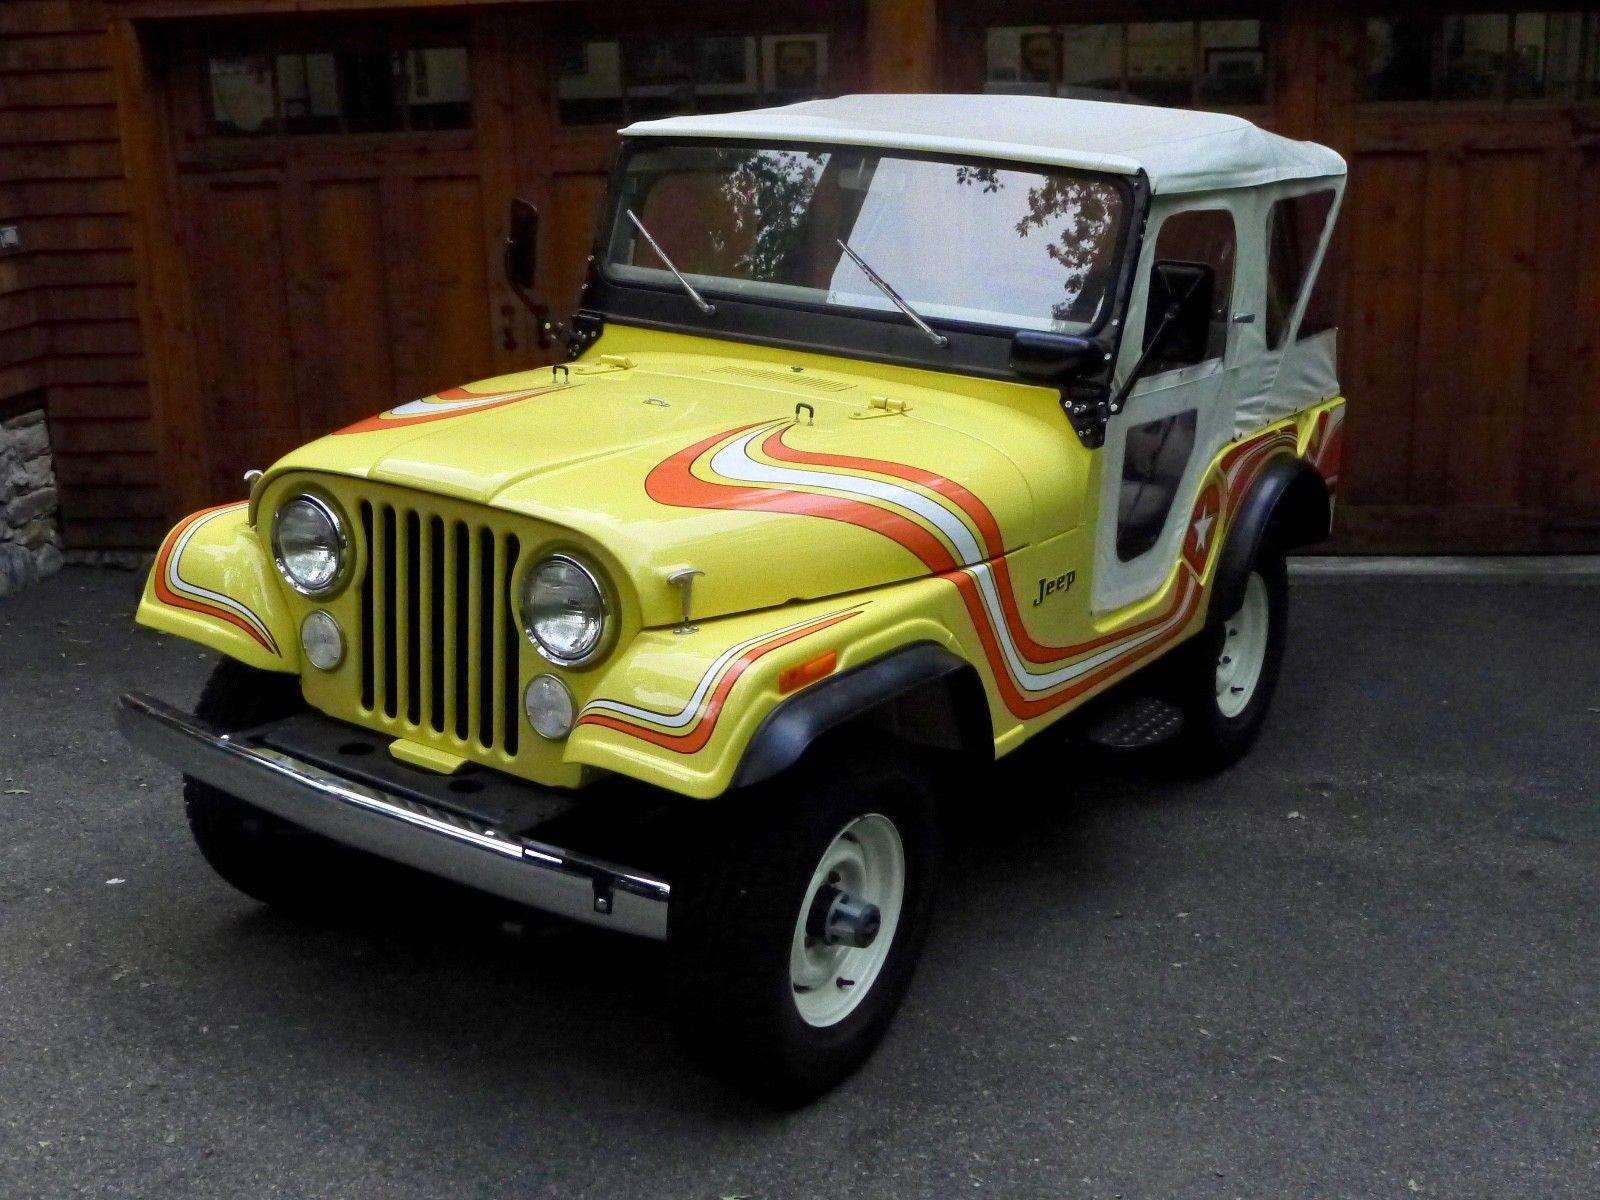 Cj5 Ewillys Crown Jeep Cj 7 Wiring Diagram Speedo 1973 Superjeep Putnamvalley Ny1